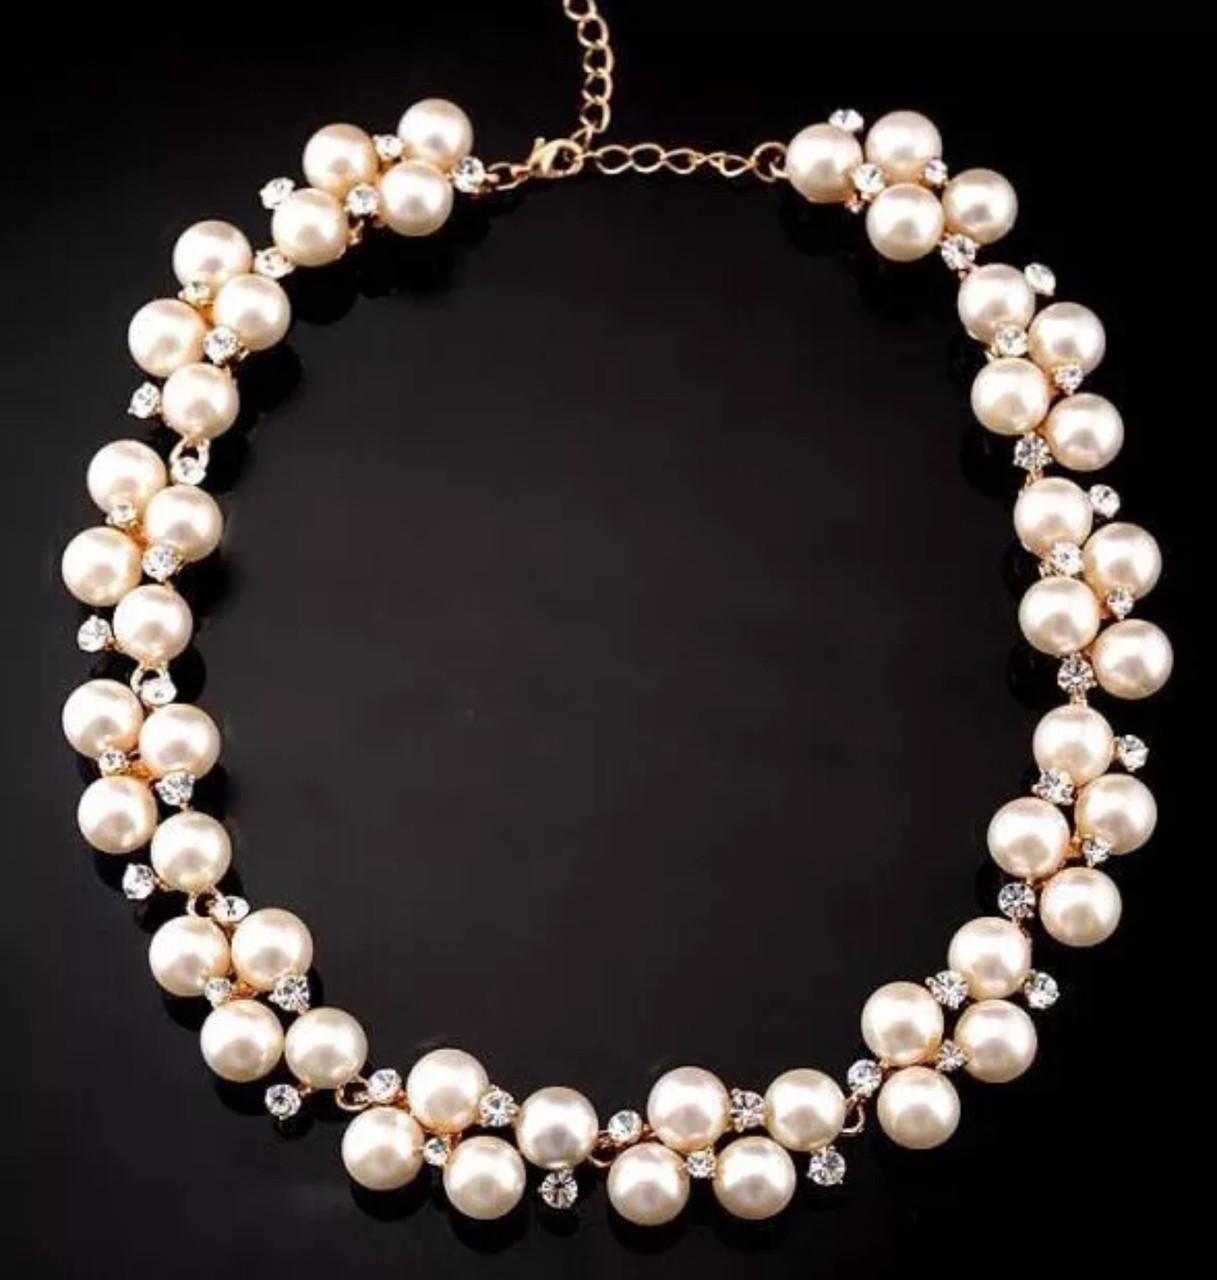 Ожерелье/бусы для девушек из бусин и камней «Romantic mood»